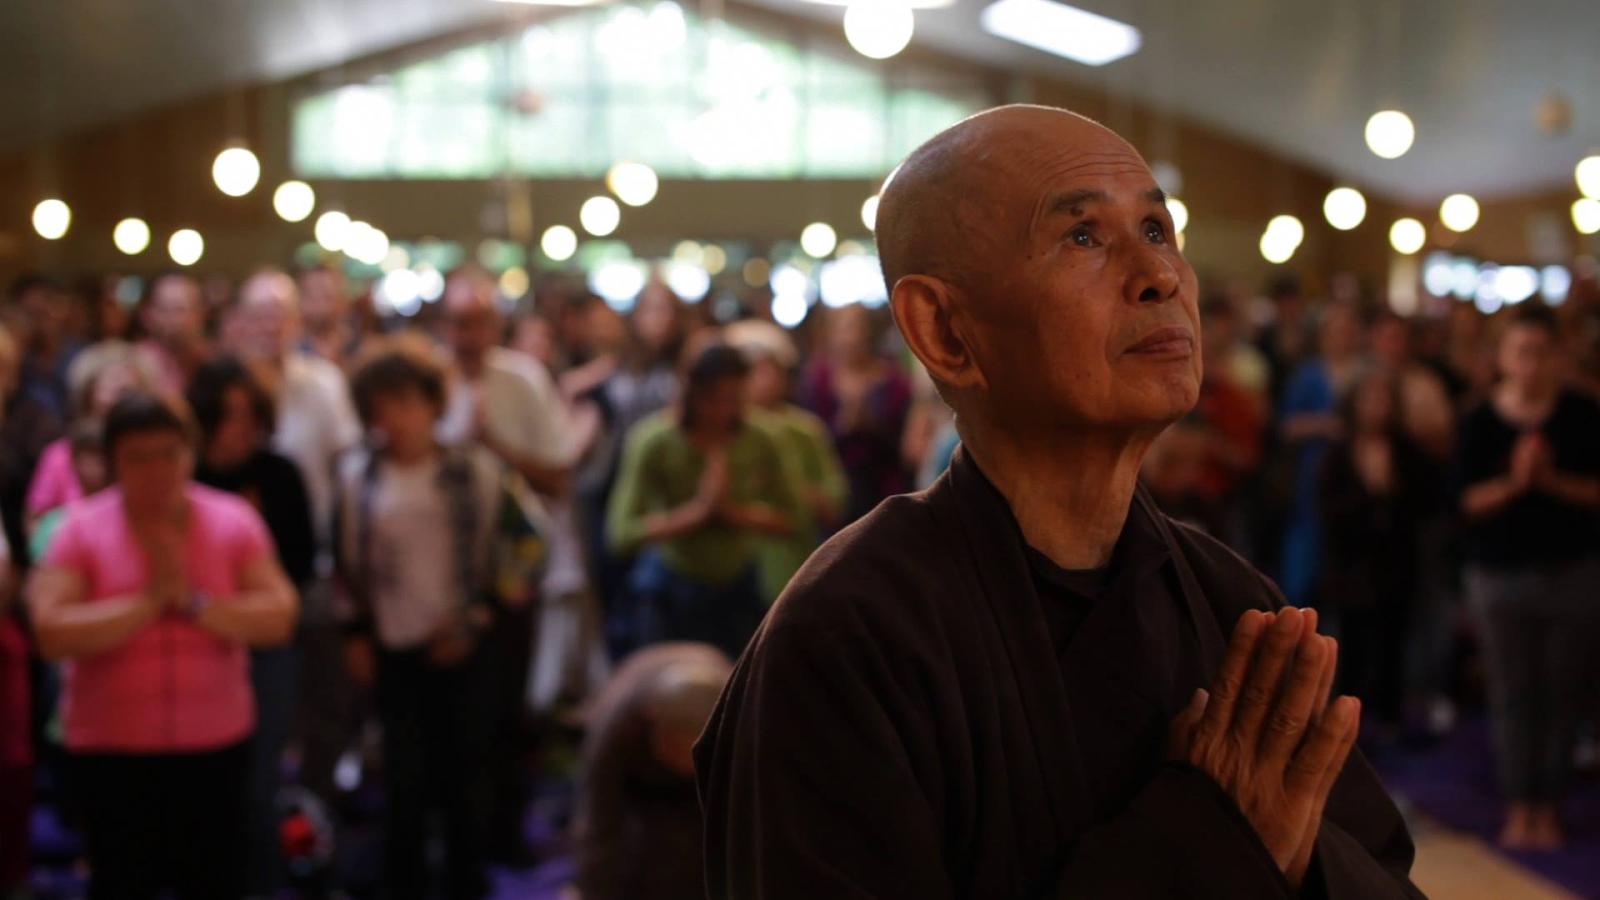 Mỹ công chiếu phim tài liệu về thiền sư Nhất Hạnh - Ảnh 2.